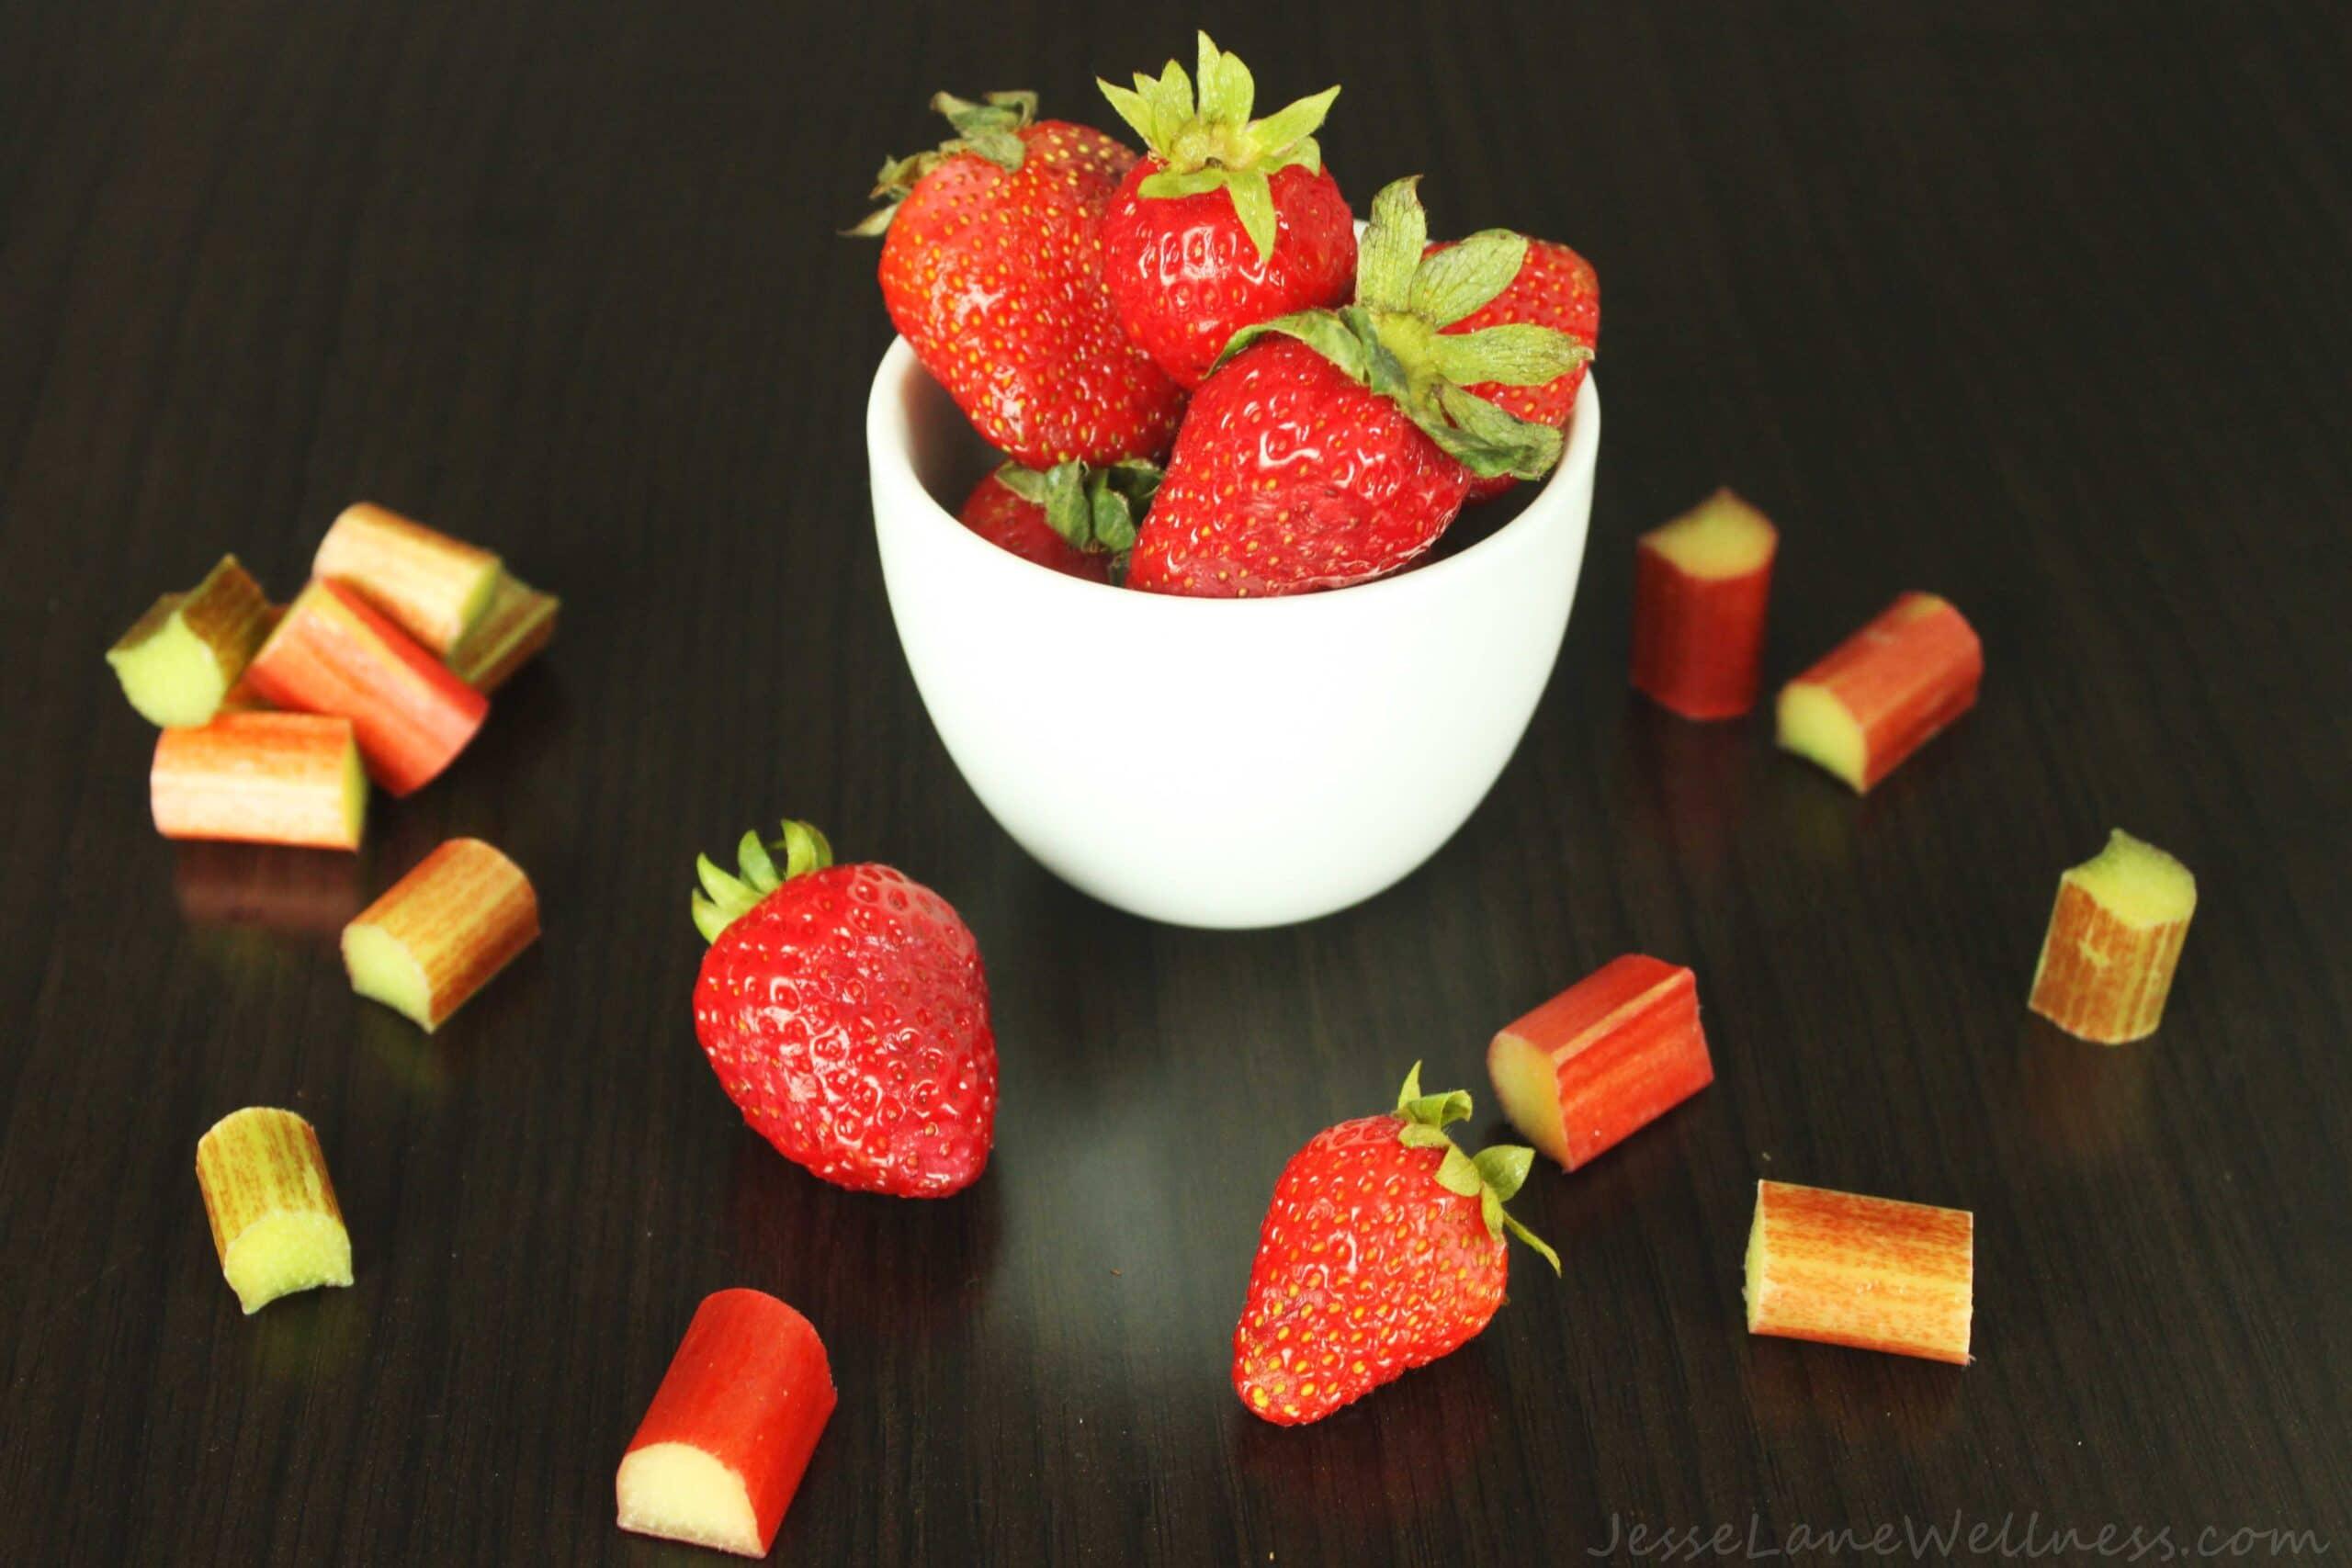 Strawberry Rhubarb by @JesseLaneWellness